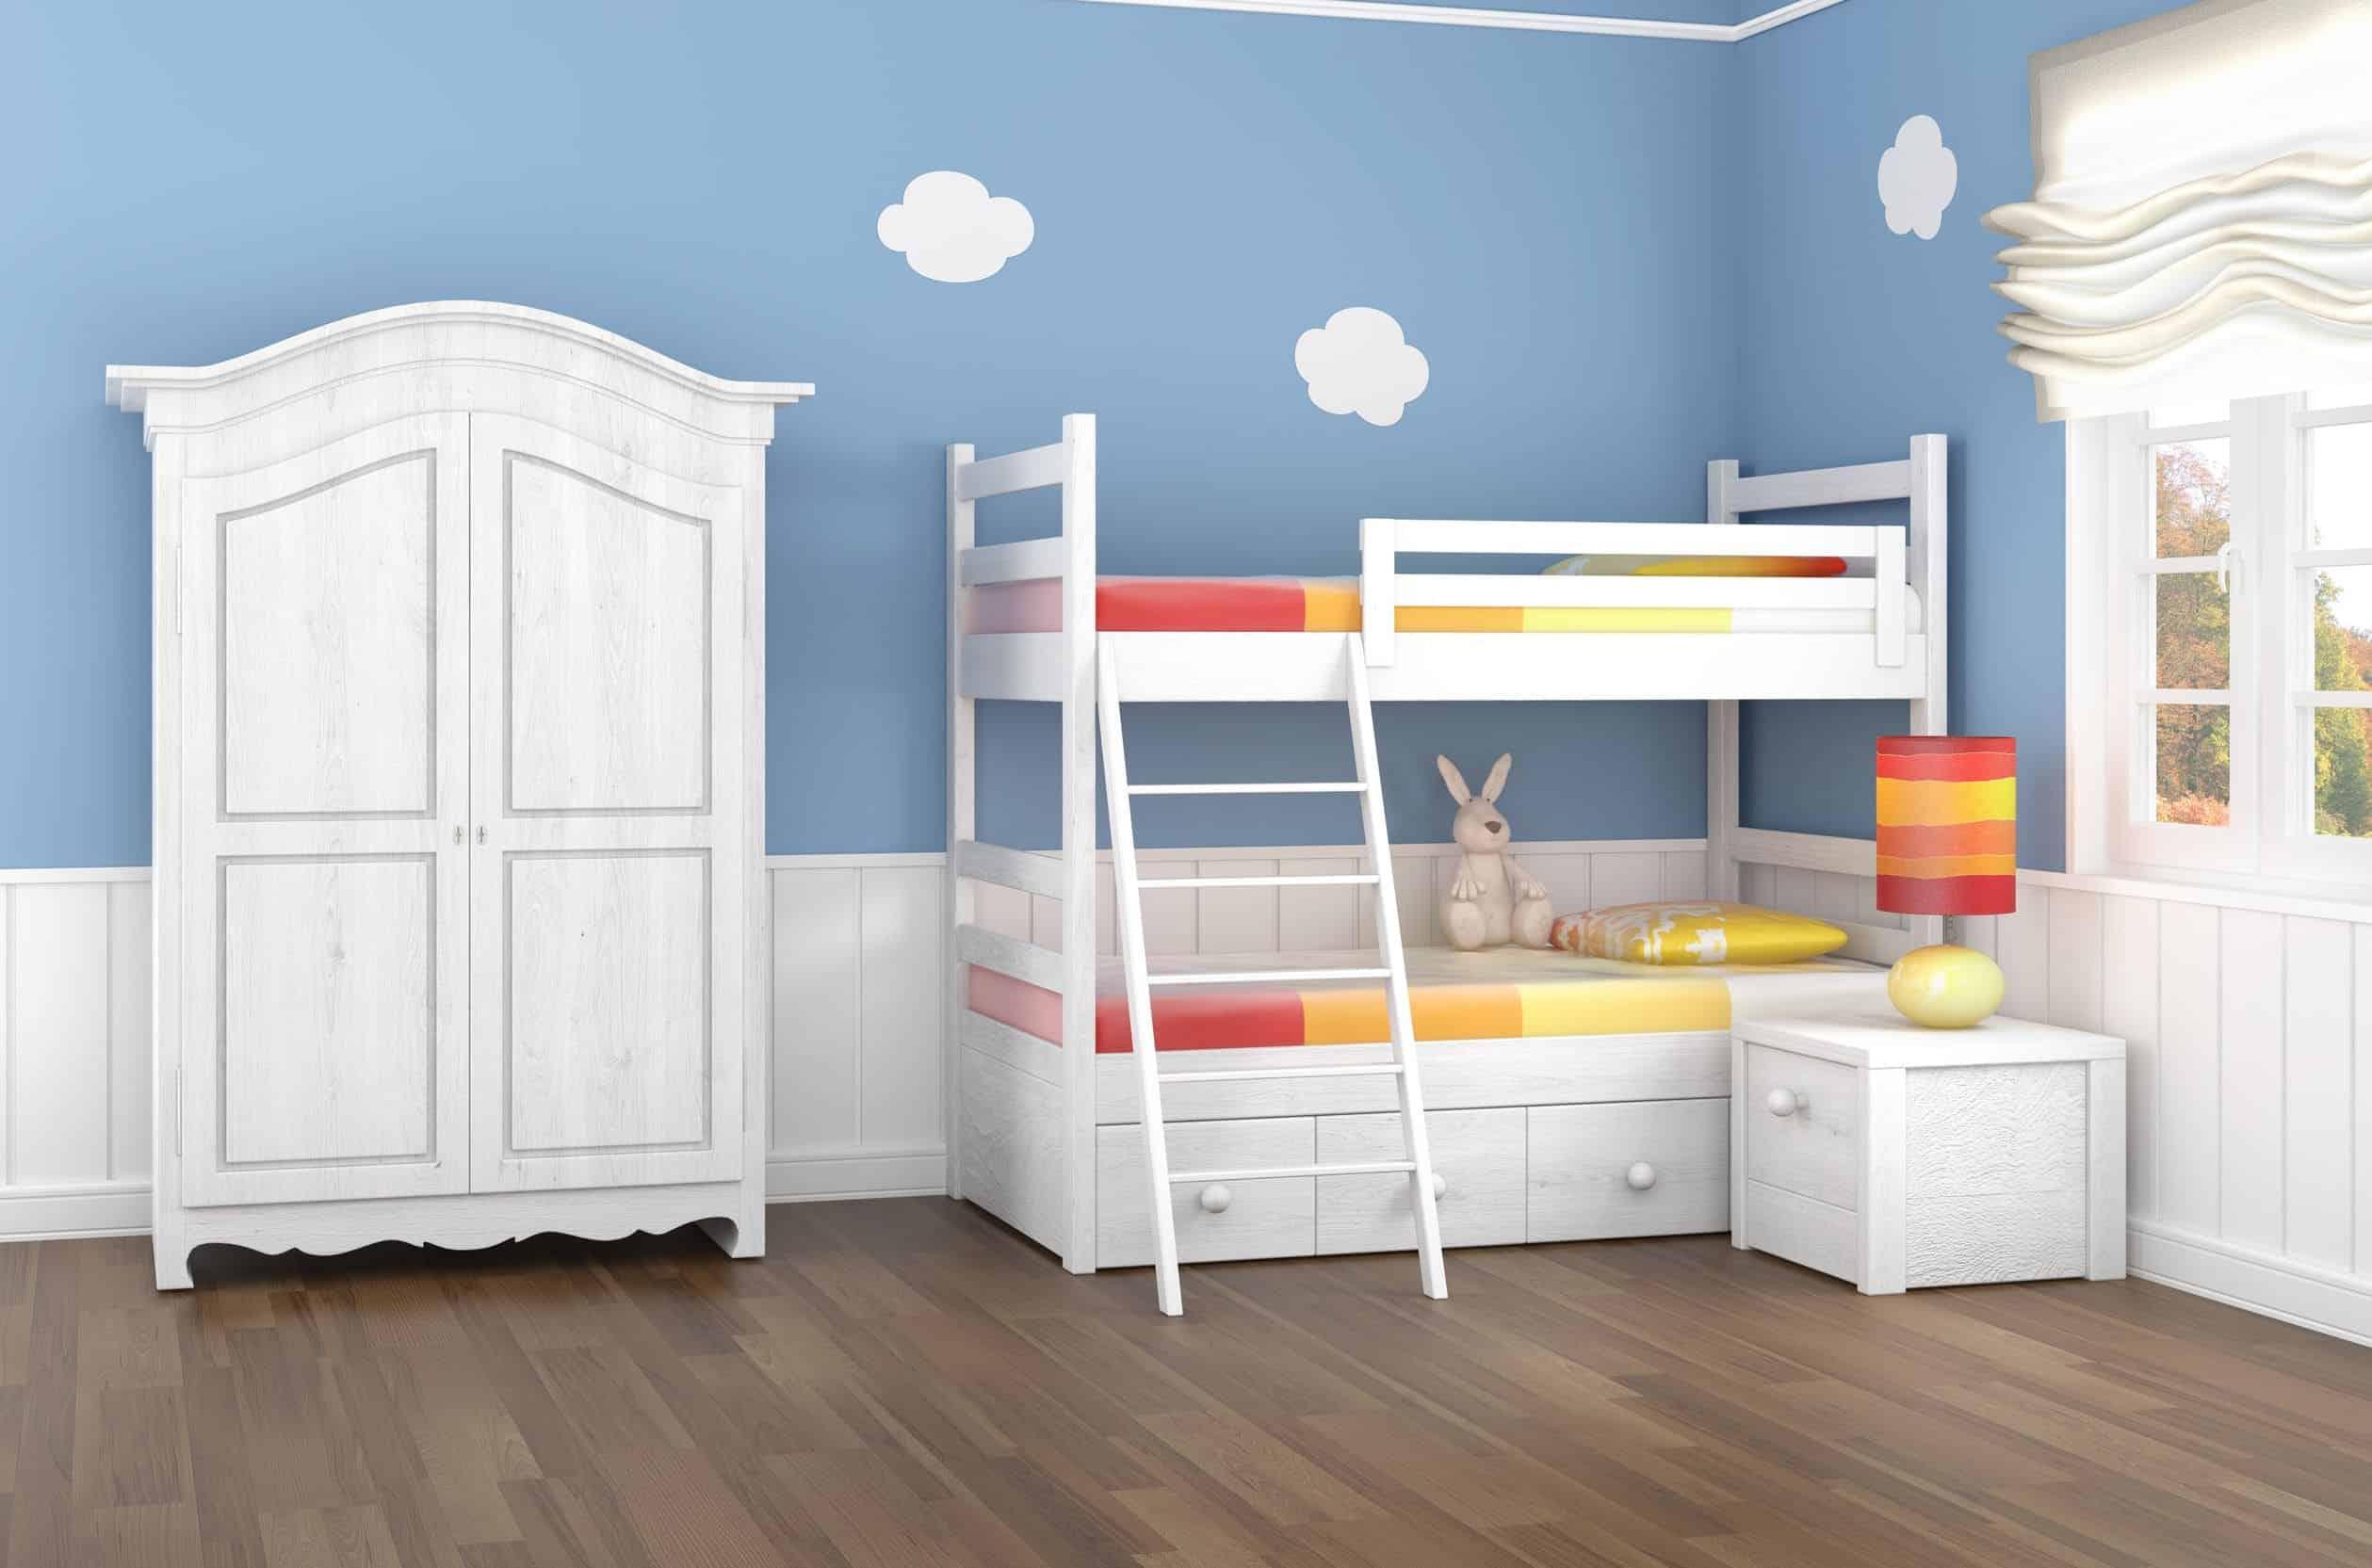 Kinder Etagenbett Testsieger : Kinderbett test u die besten kinderbetten im vergleich